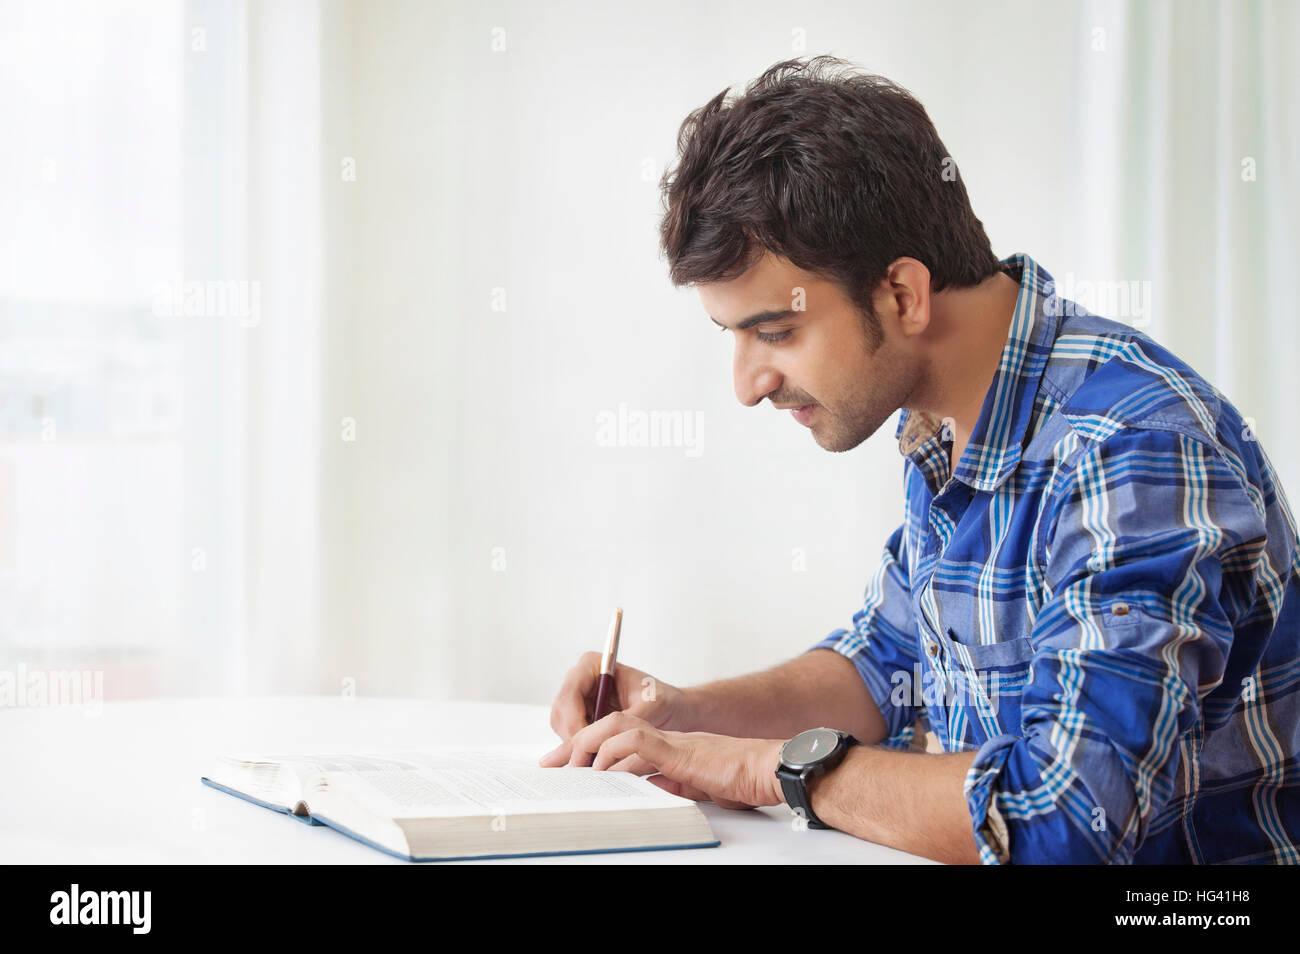 Junge Menschen studieren und sich Notizen Stockfoto